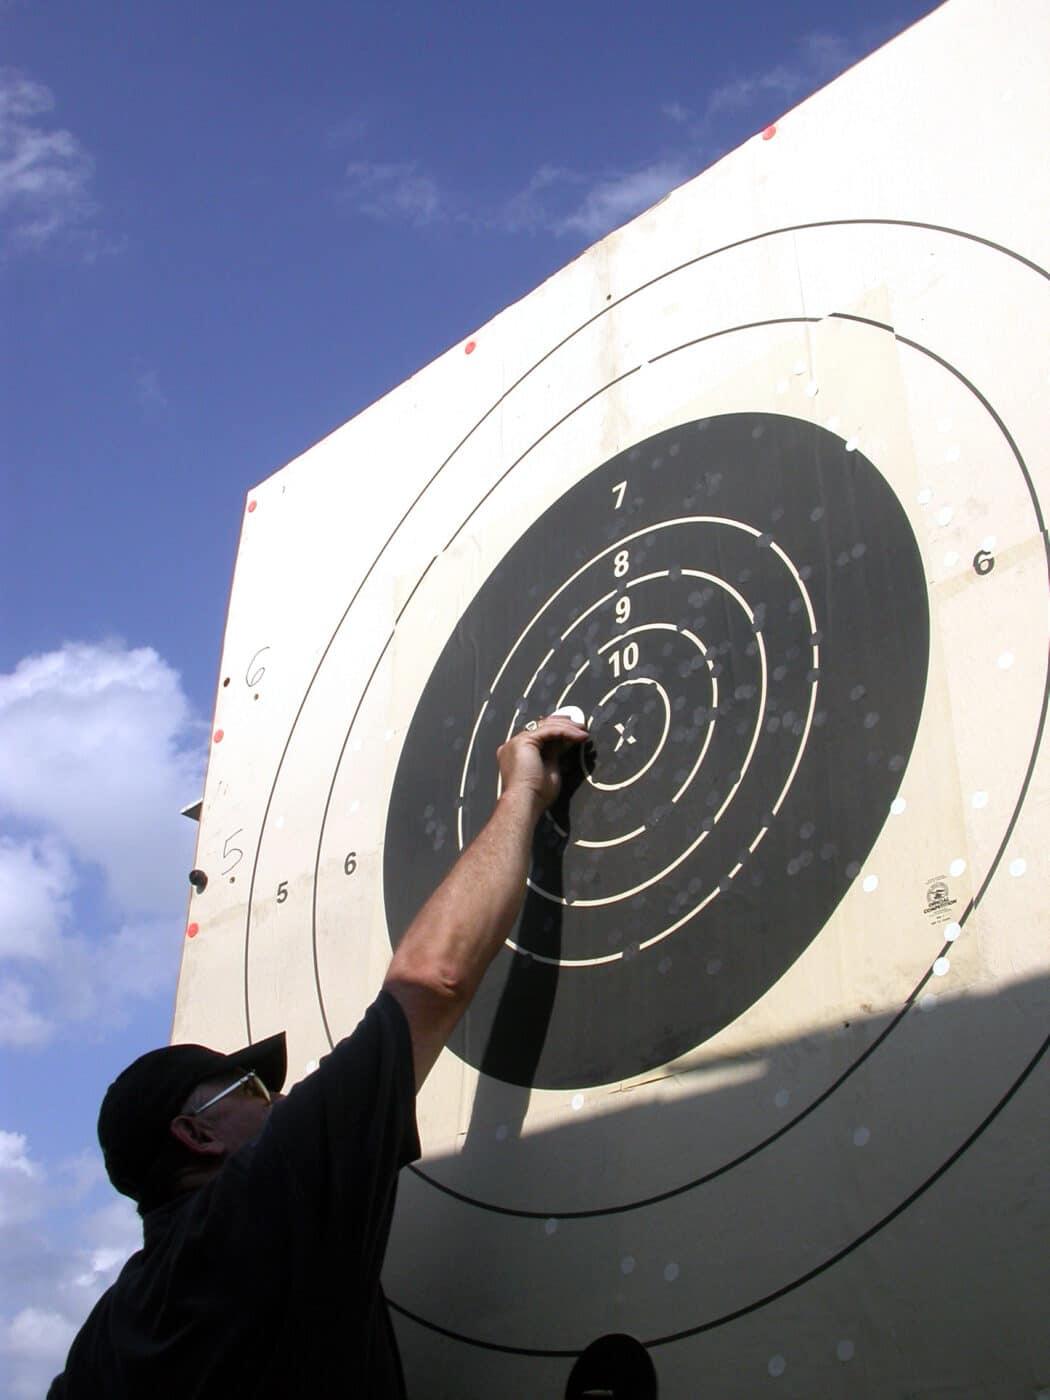 Long range target being scored